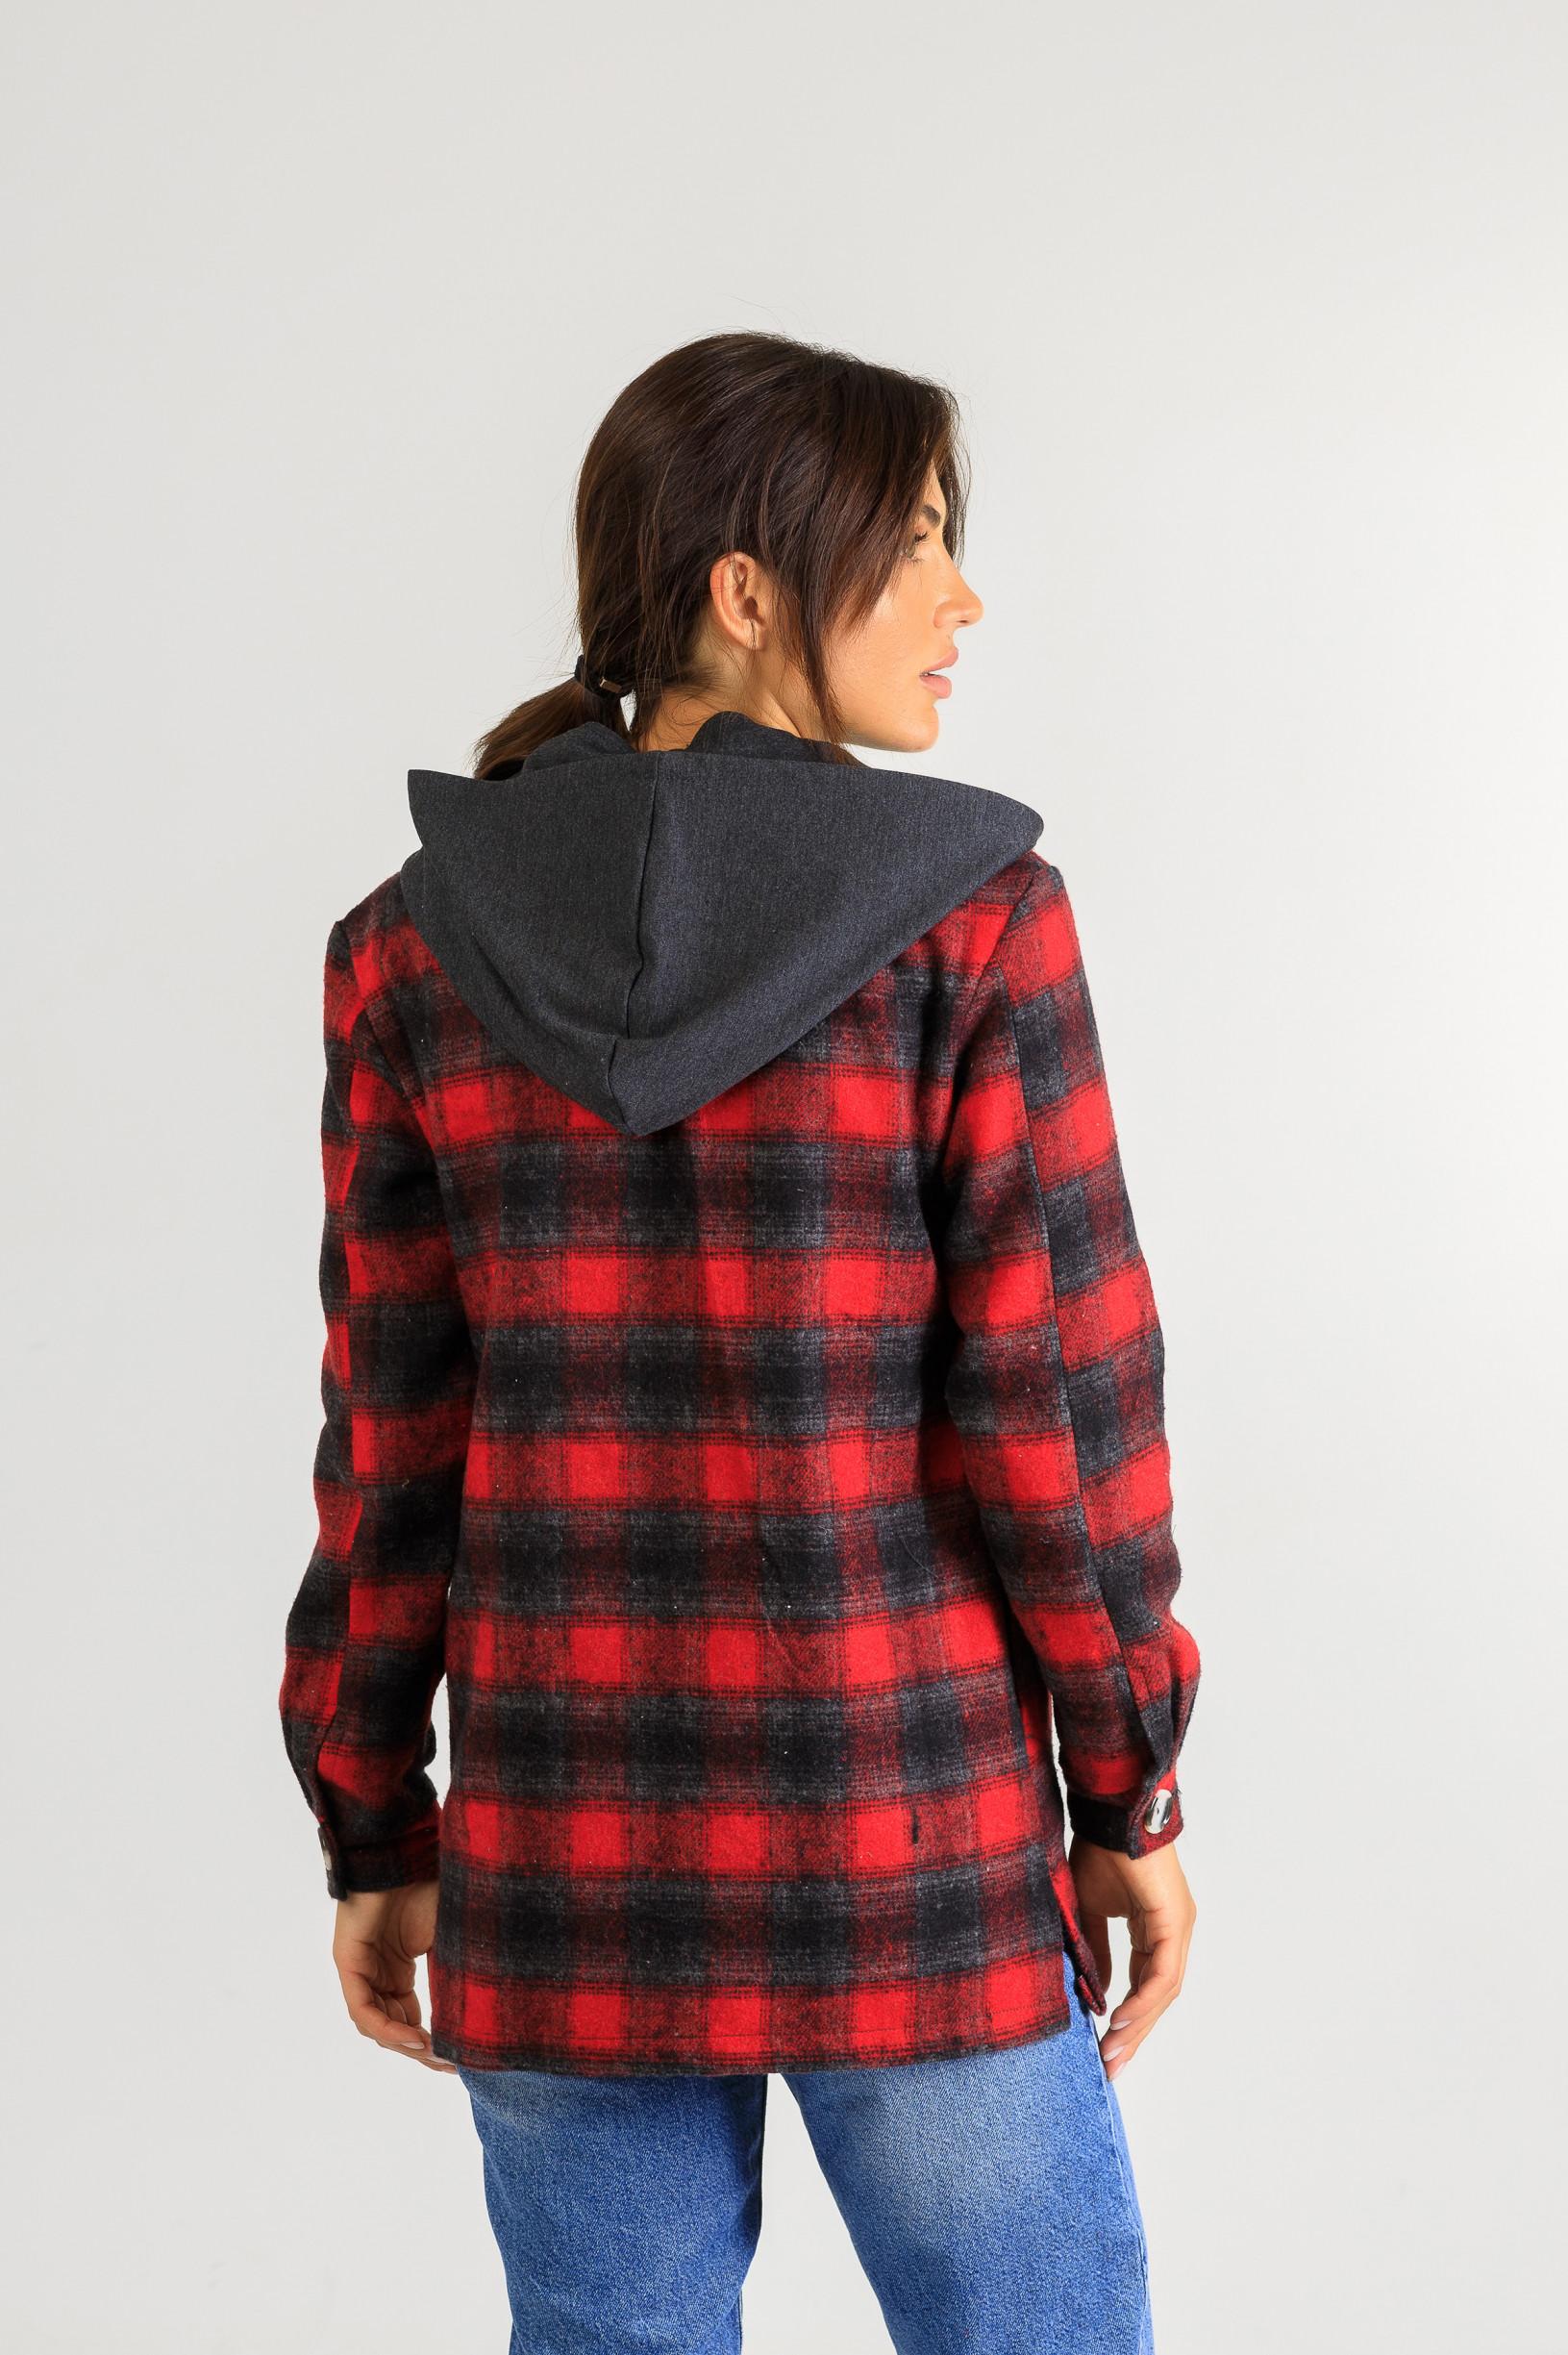 Кардиган-рубаха с капюшоном в клетку Р948 красный